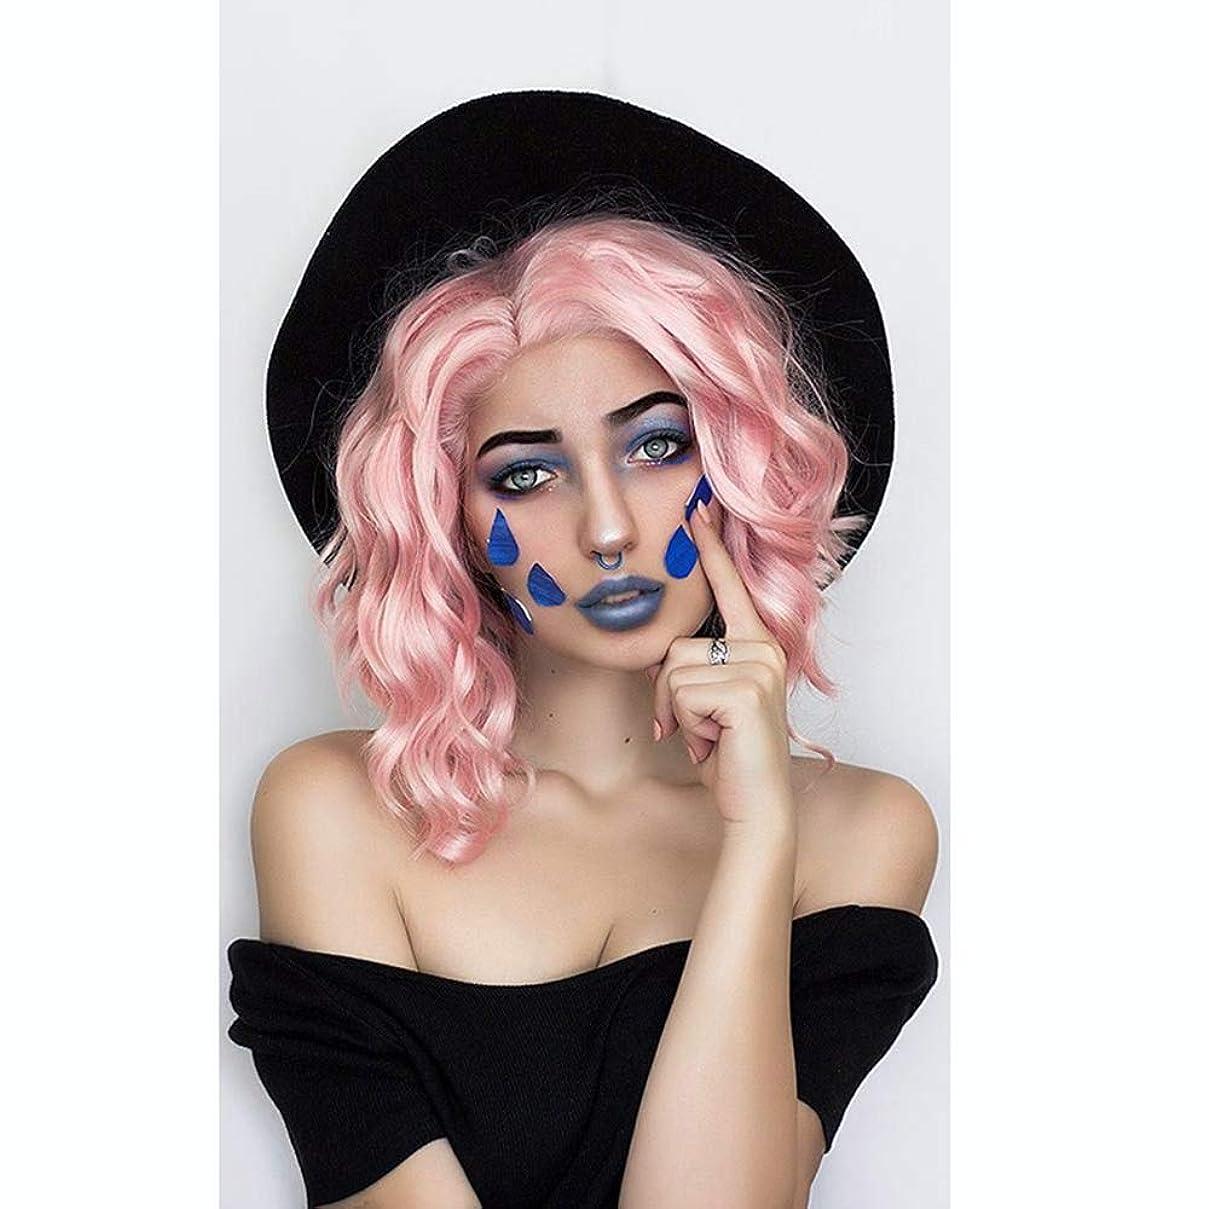 プラスチックオール米国女性のかつら、ファッション前髪ピンクの短い巻き毛のふわふわの髪のかつら、パーティーロールプレイング小さな波かつら